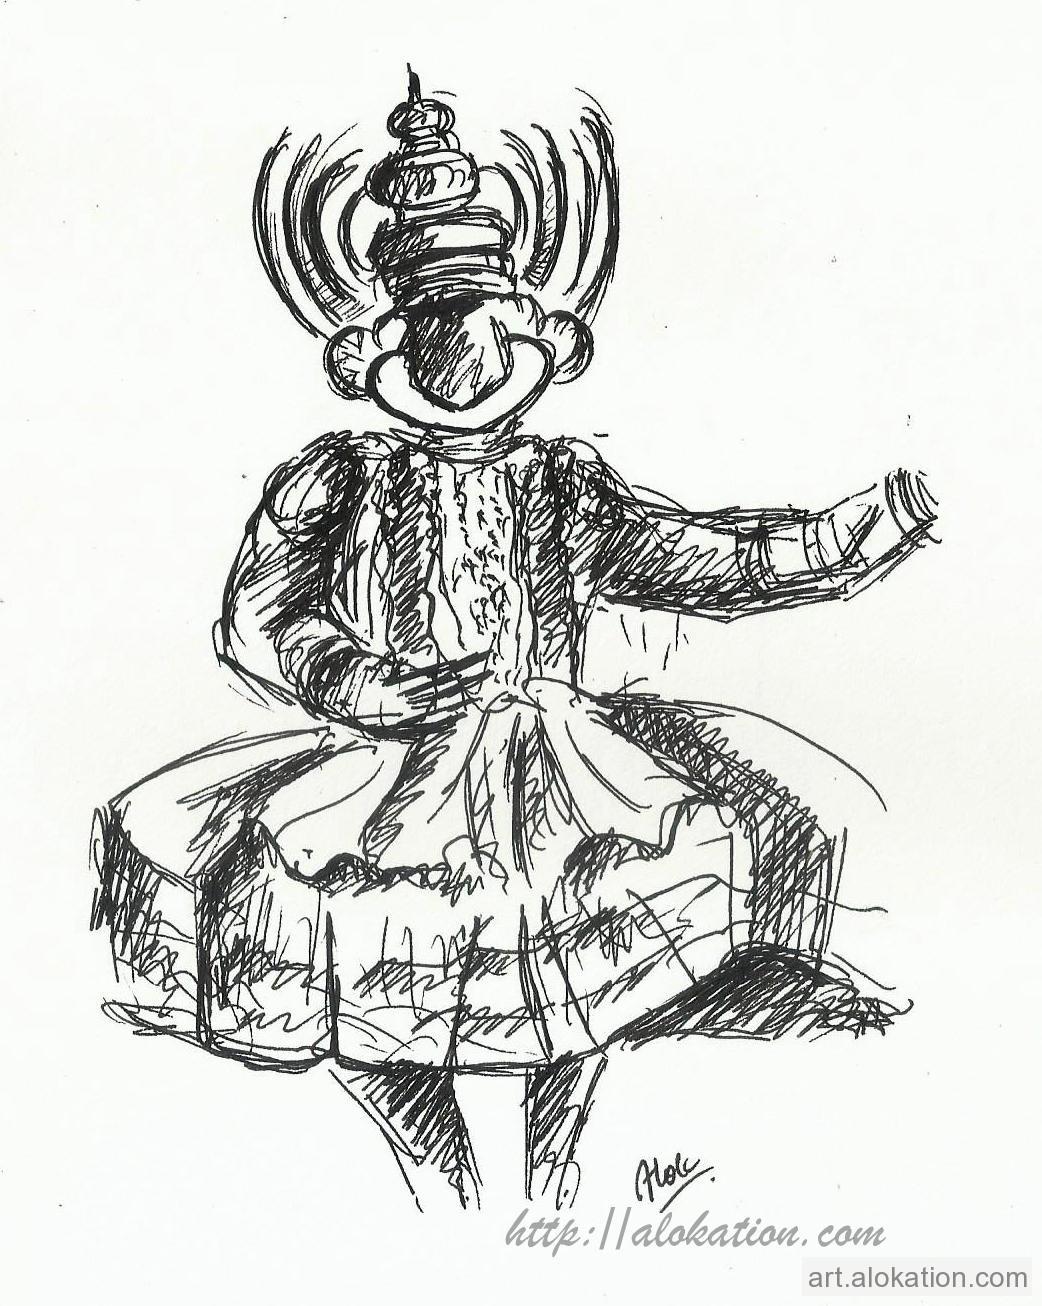 alokation-sketch-03051402